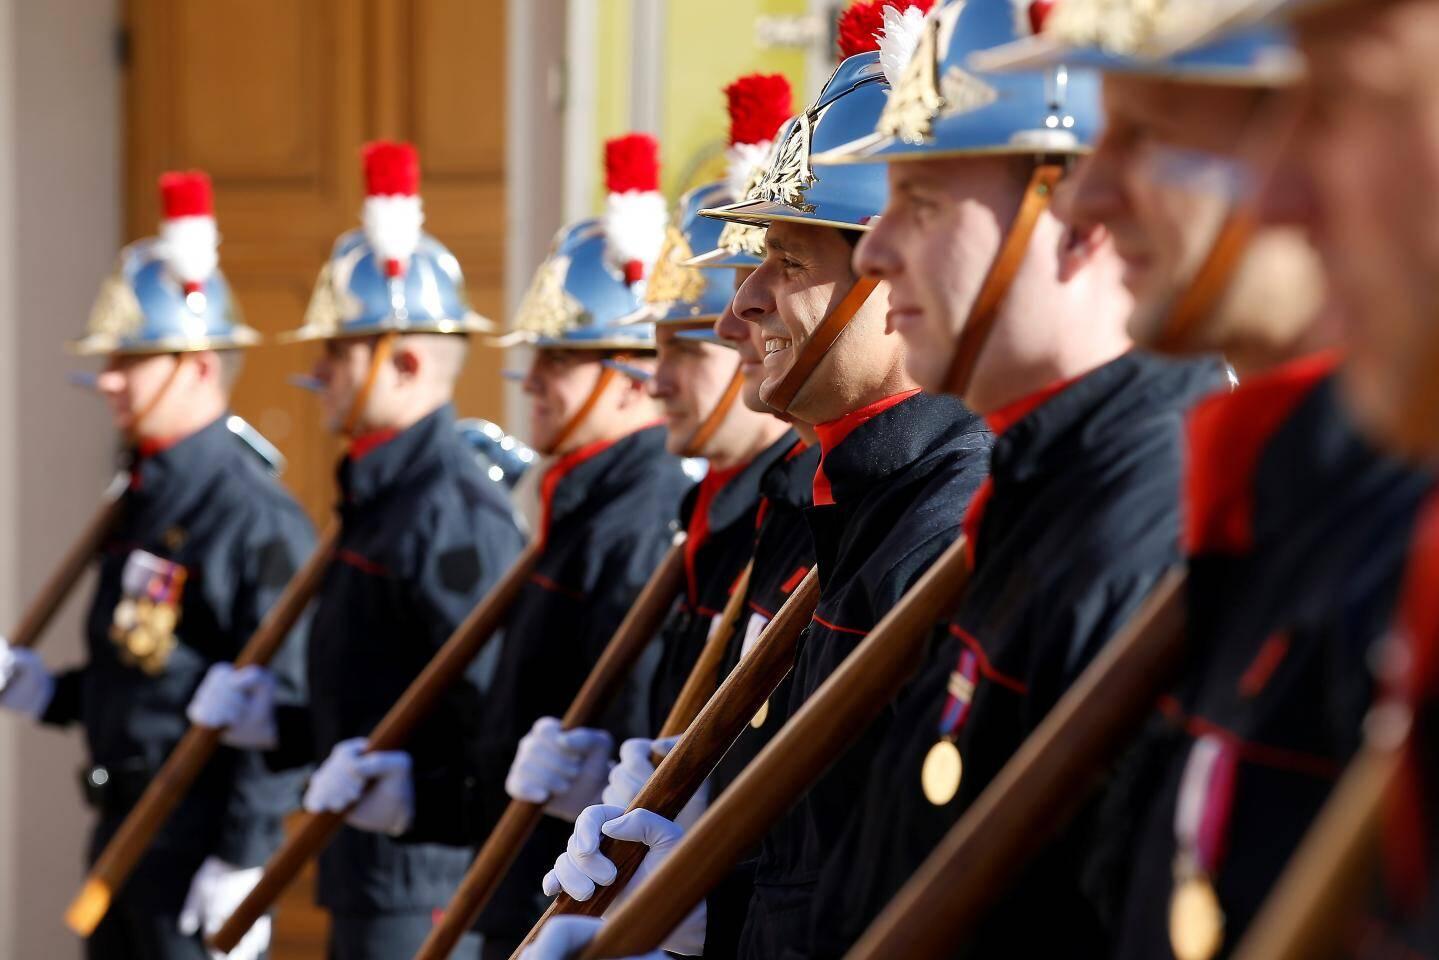 Le corps des pompiers de Monaco a une moyenne d'âge inférieure à 40 ans.